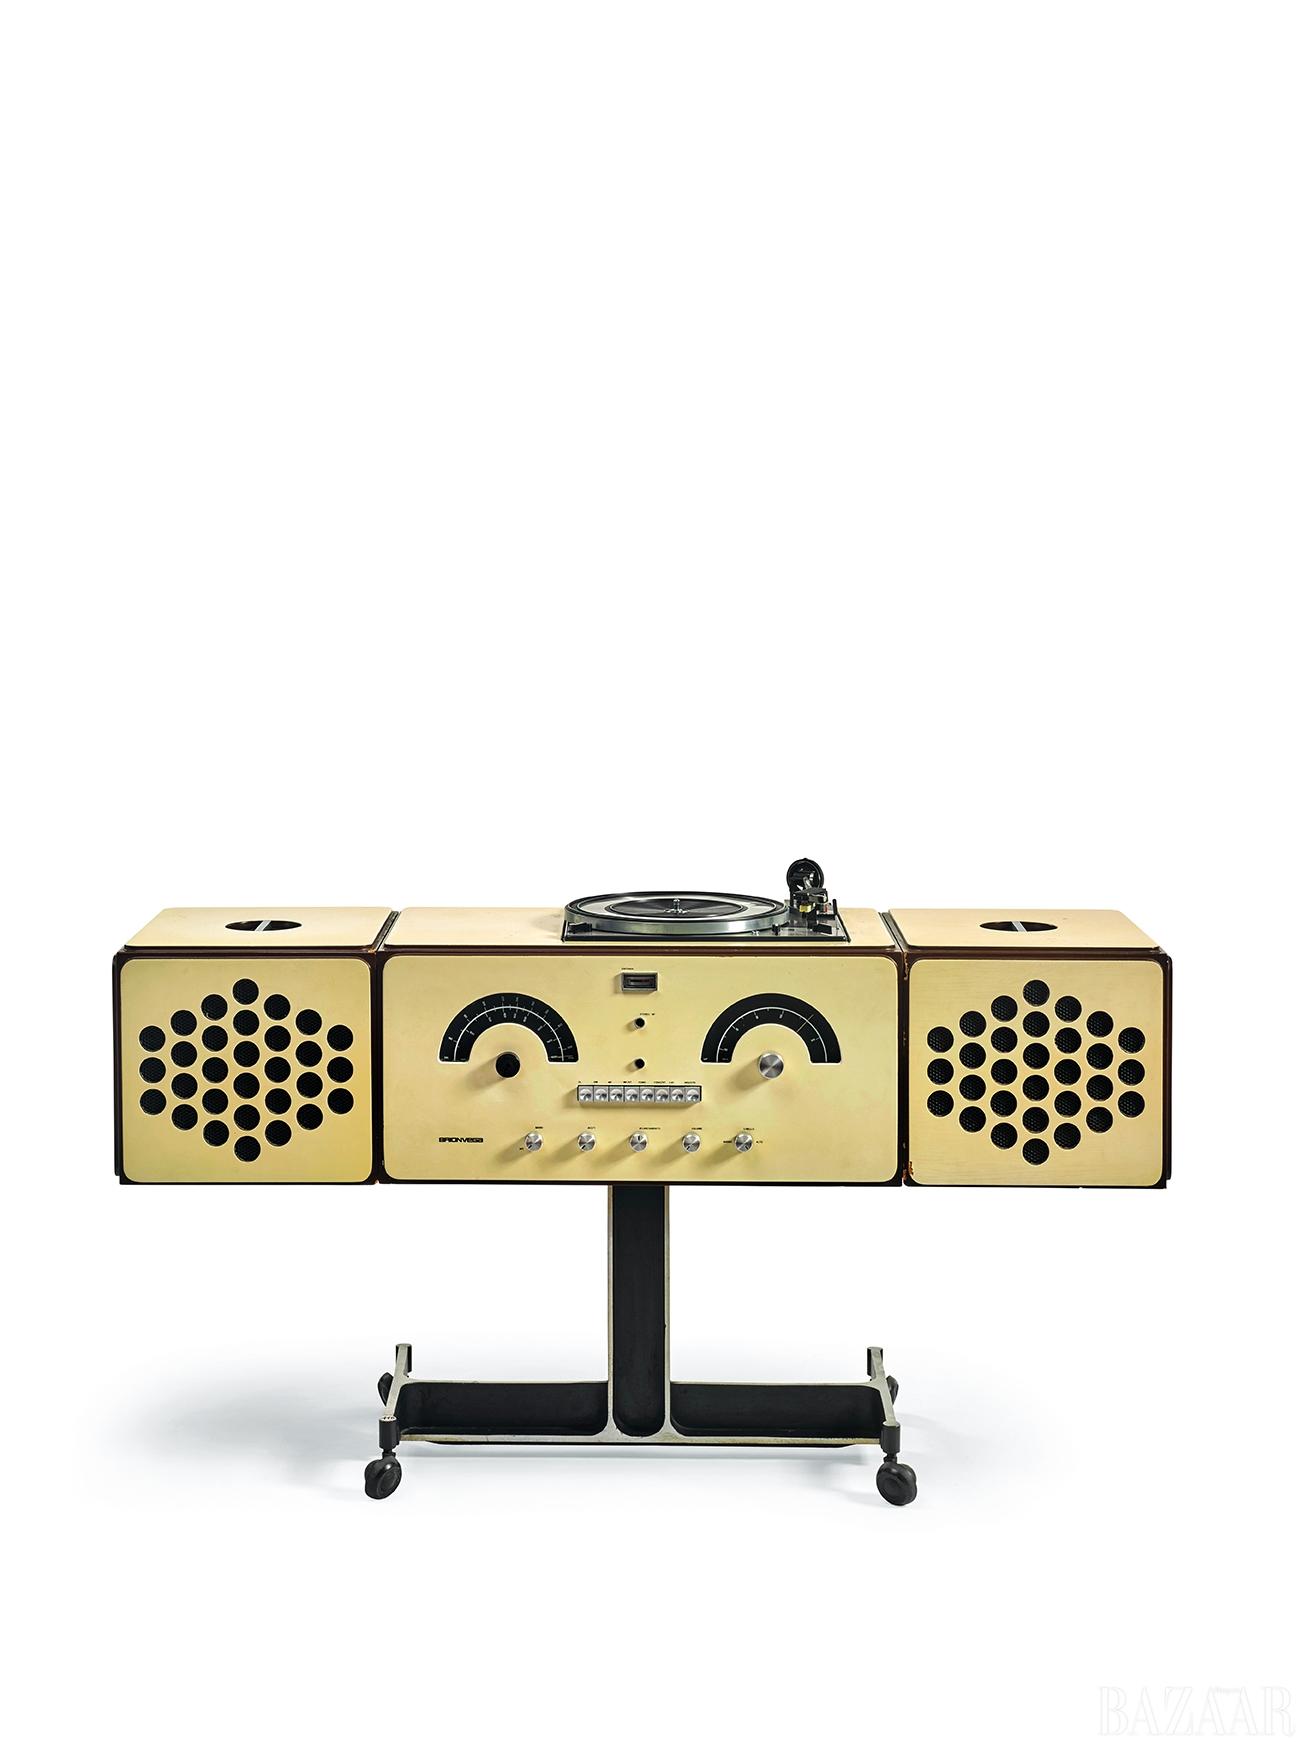 피에르 지아코모 카스티글리오니와 아킬레 카스티글리오니(Pier Giacomo and Achille Castiglioni), 'Brionvega Radiophonograph, Model No RR 126', Wood, Laminate, Polycarbonate, Painted Aluminium, 63 by 125 by 36cm, 1966